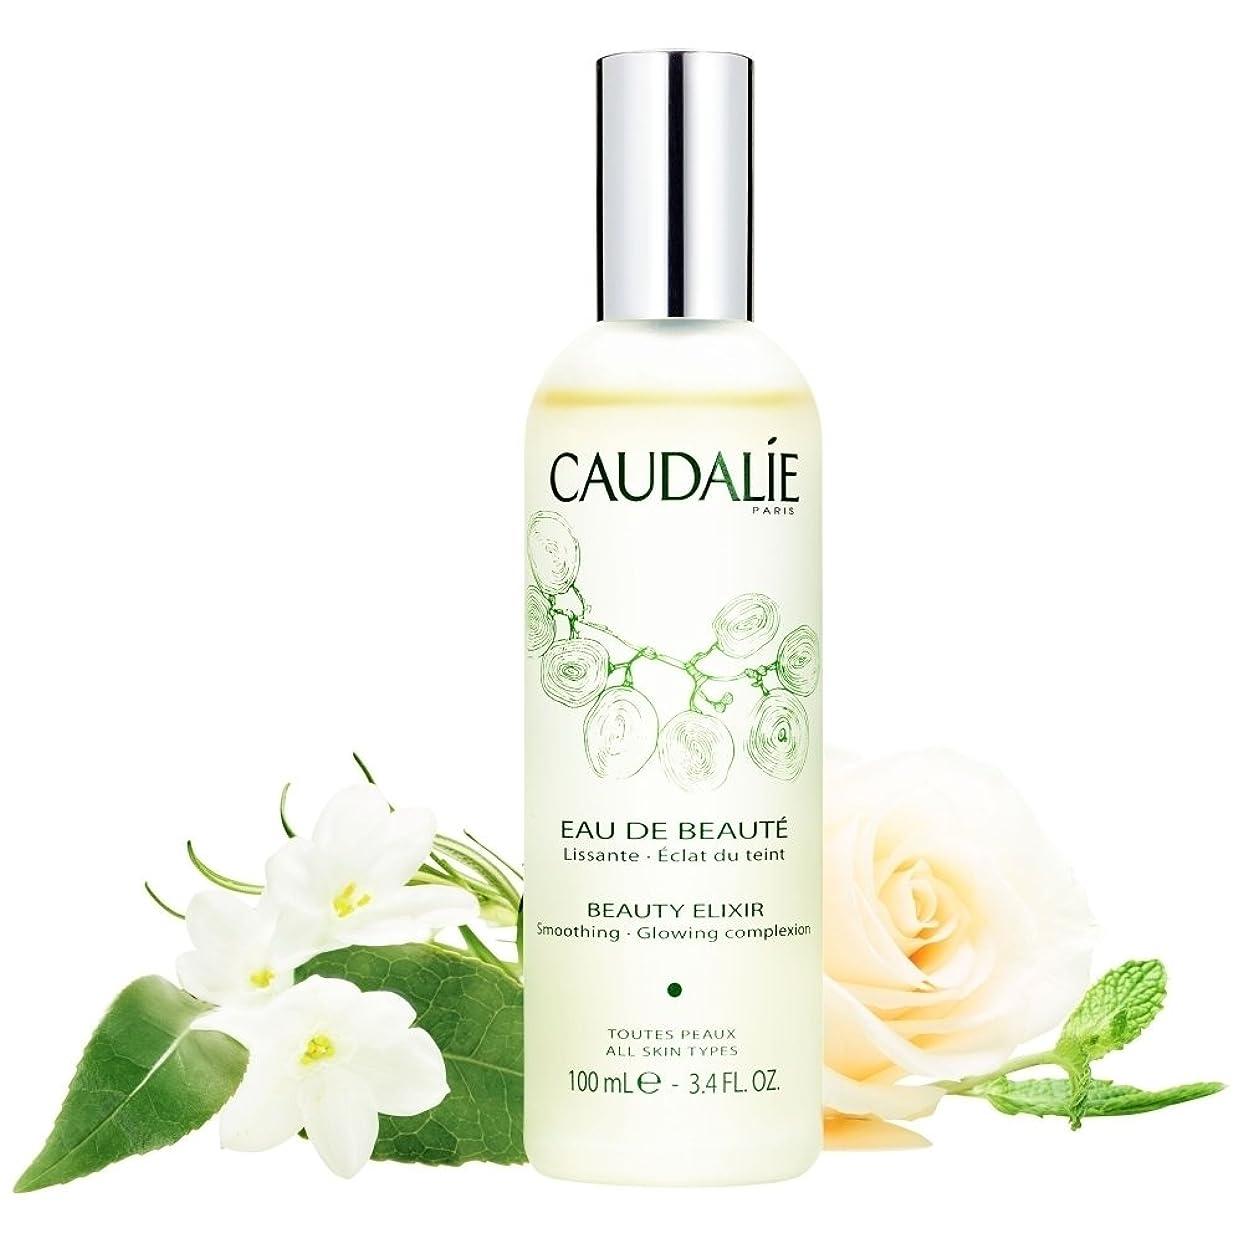 ケーブルハンサム試用コーダリー美容エリキシル、100ミリリットル (Caudalie) (x6) - Caudalie Beauty Elixir, 100ml (Pack of 6) [並行輸入品]